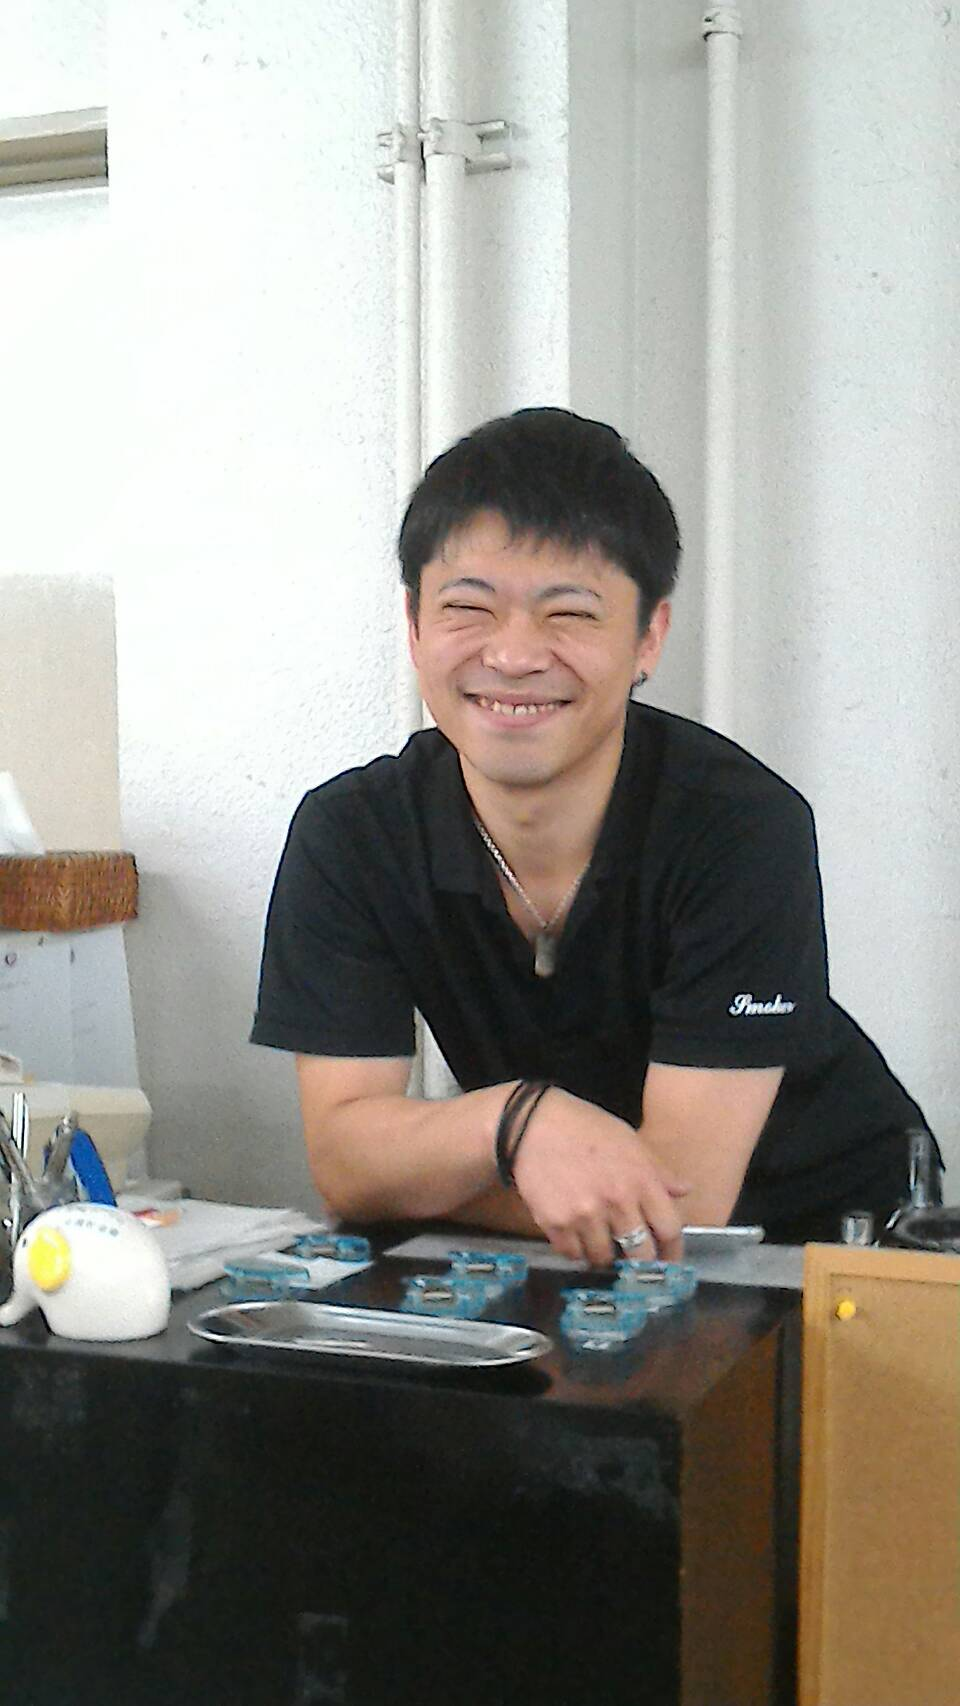 「ゔぉく」でおなじみ笑顔が最高トッティ、戸田君 (byつっちー)